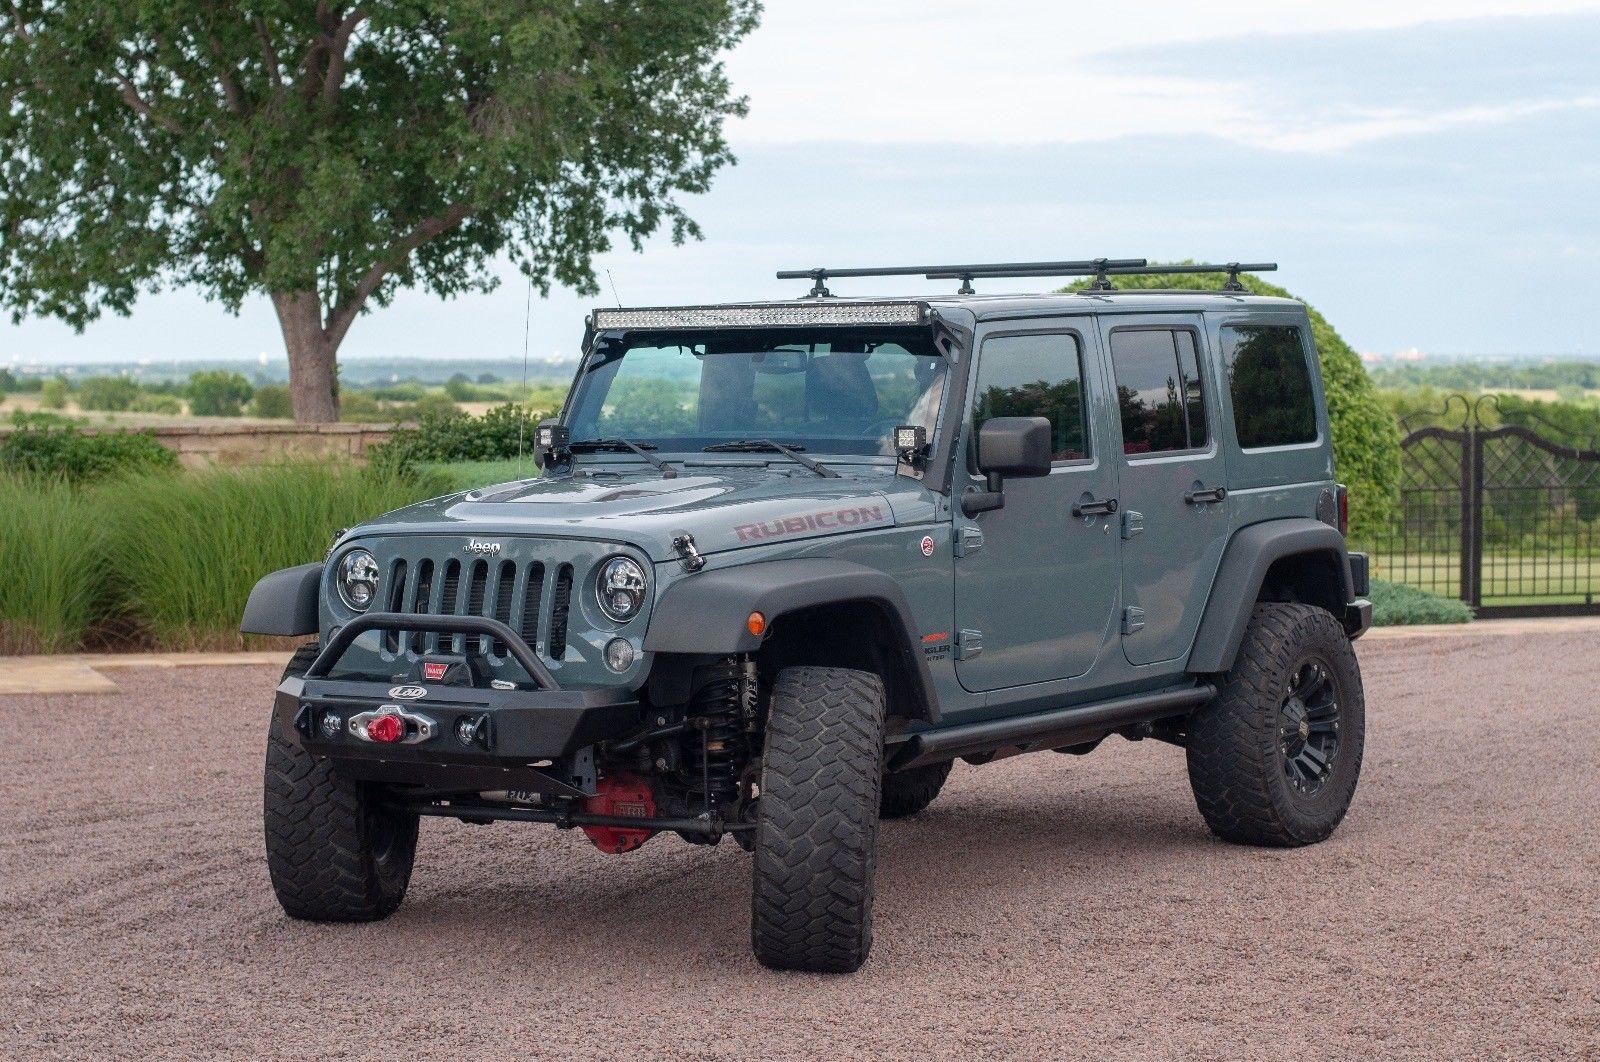 V8 Jeep Wrangler >> Awesome 2014 Jeep Wrangler Rubicon Hardrock 2014 Dakota Customs Srt